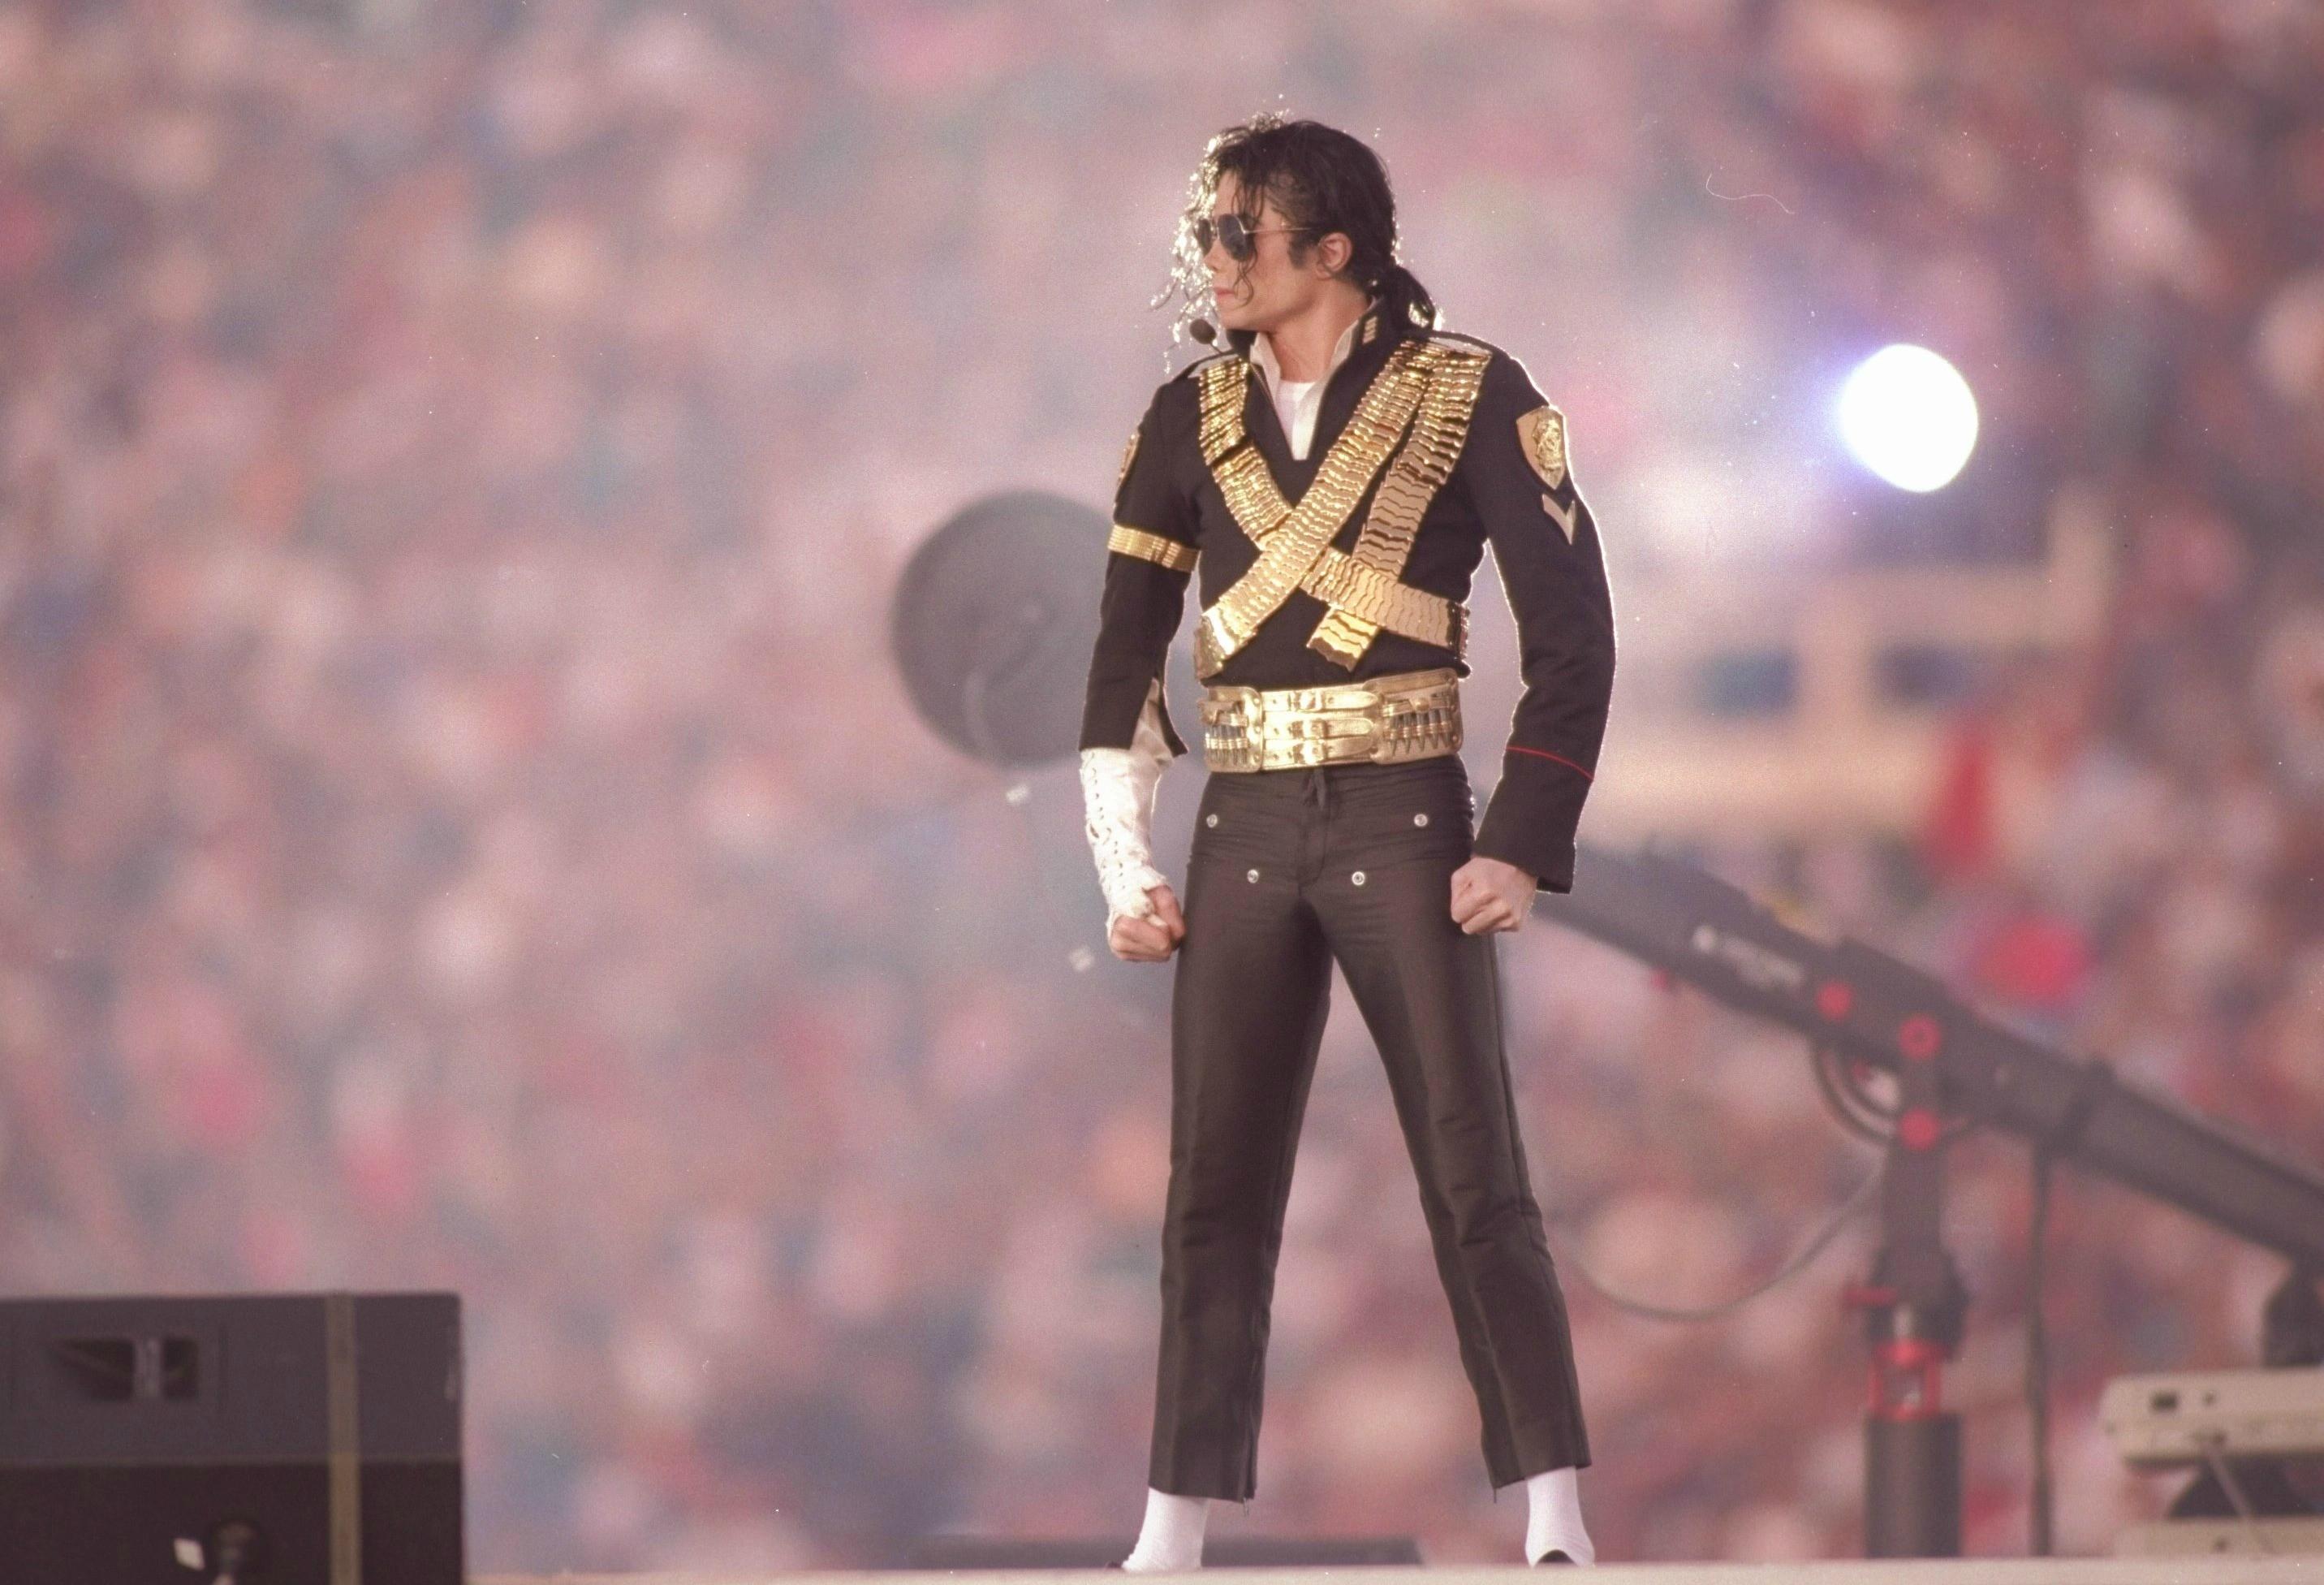 Relive Michael Jackson's Epic Super Bowl Xxvii Performance in Michael Jackson Super Bowl